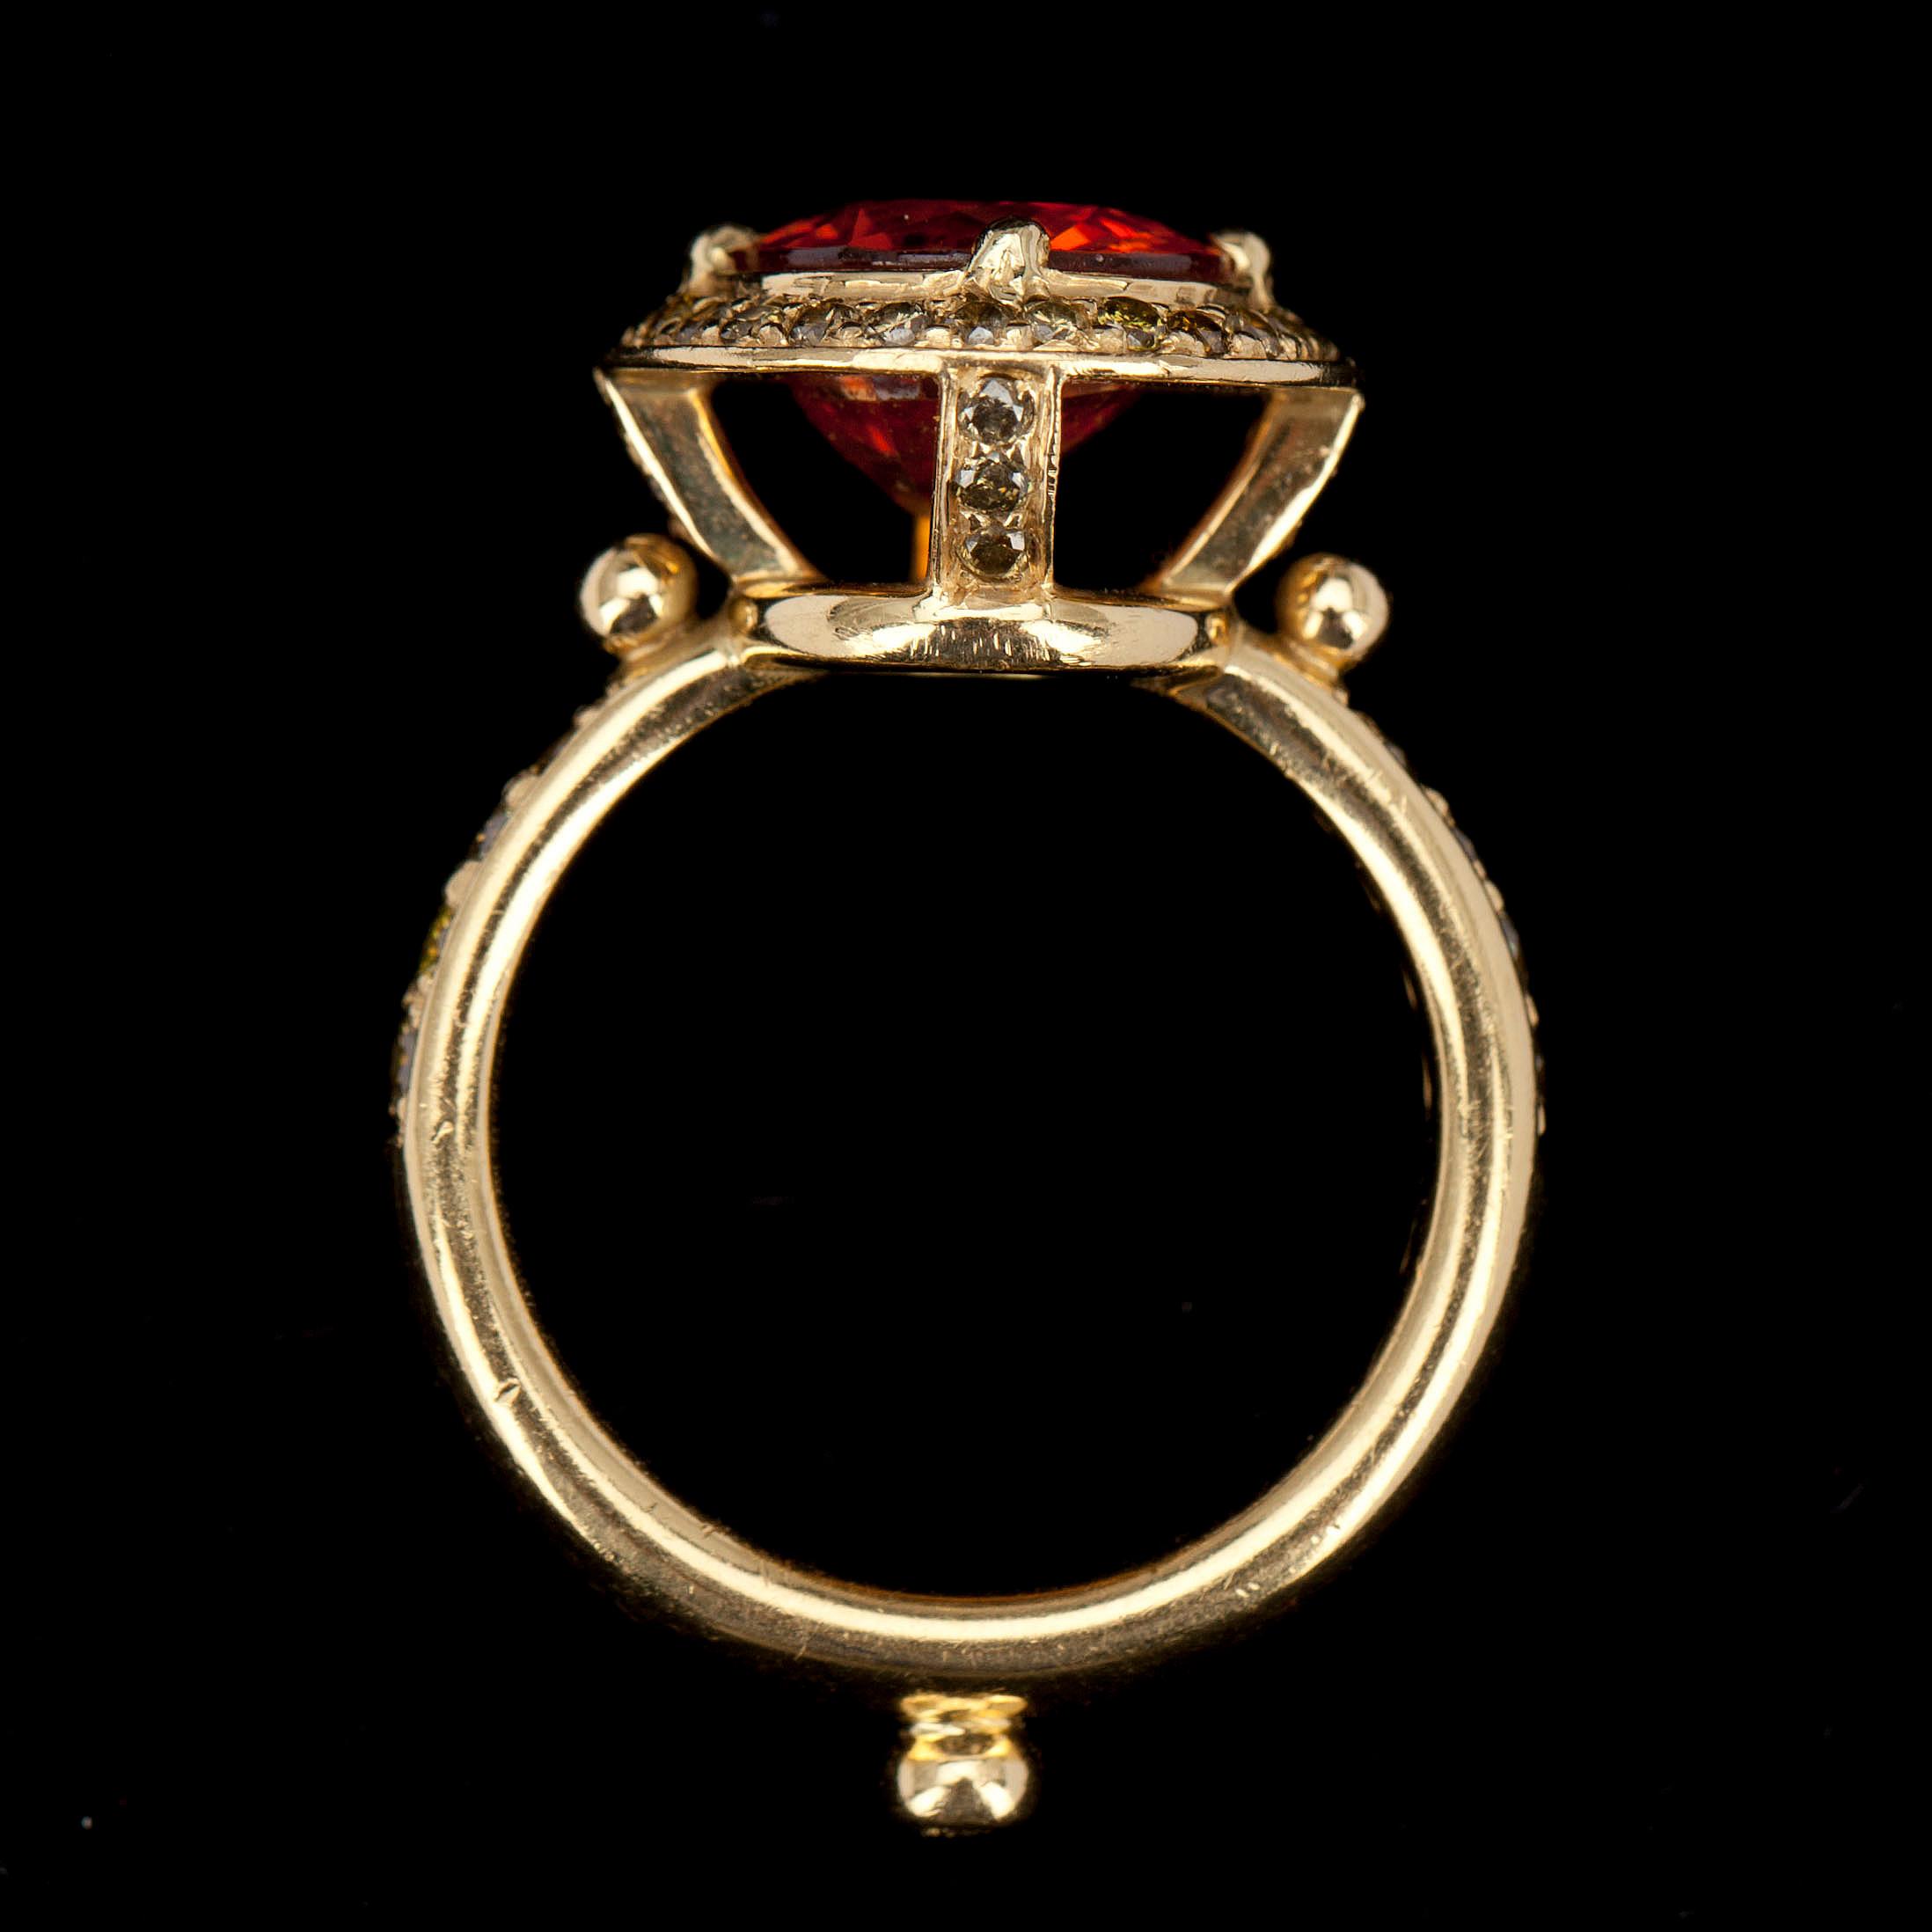 RING, 18K guld, granat ca 5 ct, gröna och bruna diamanter